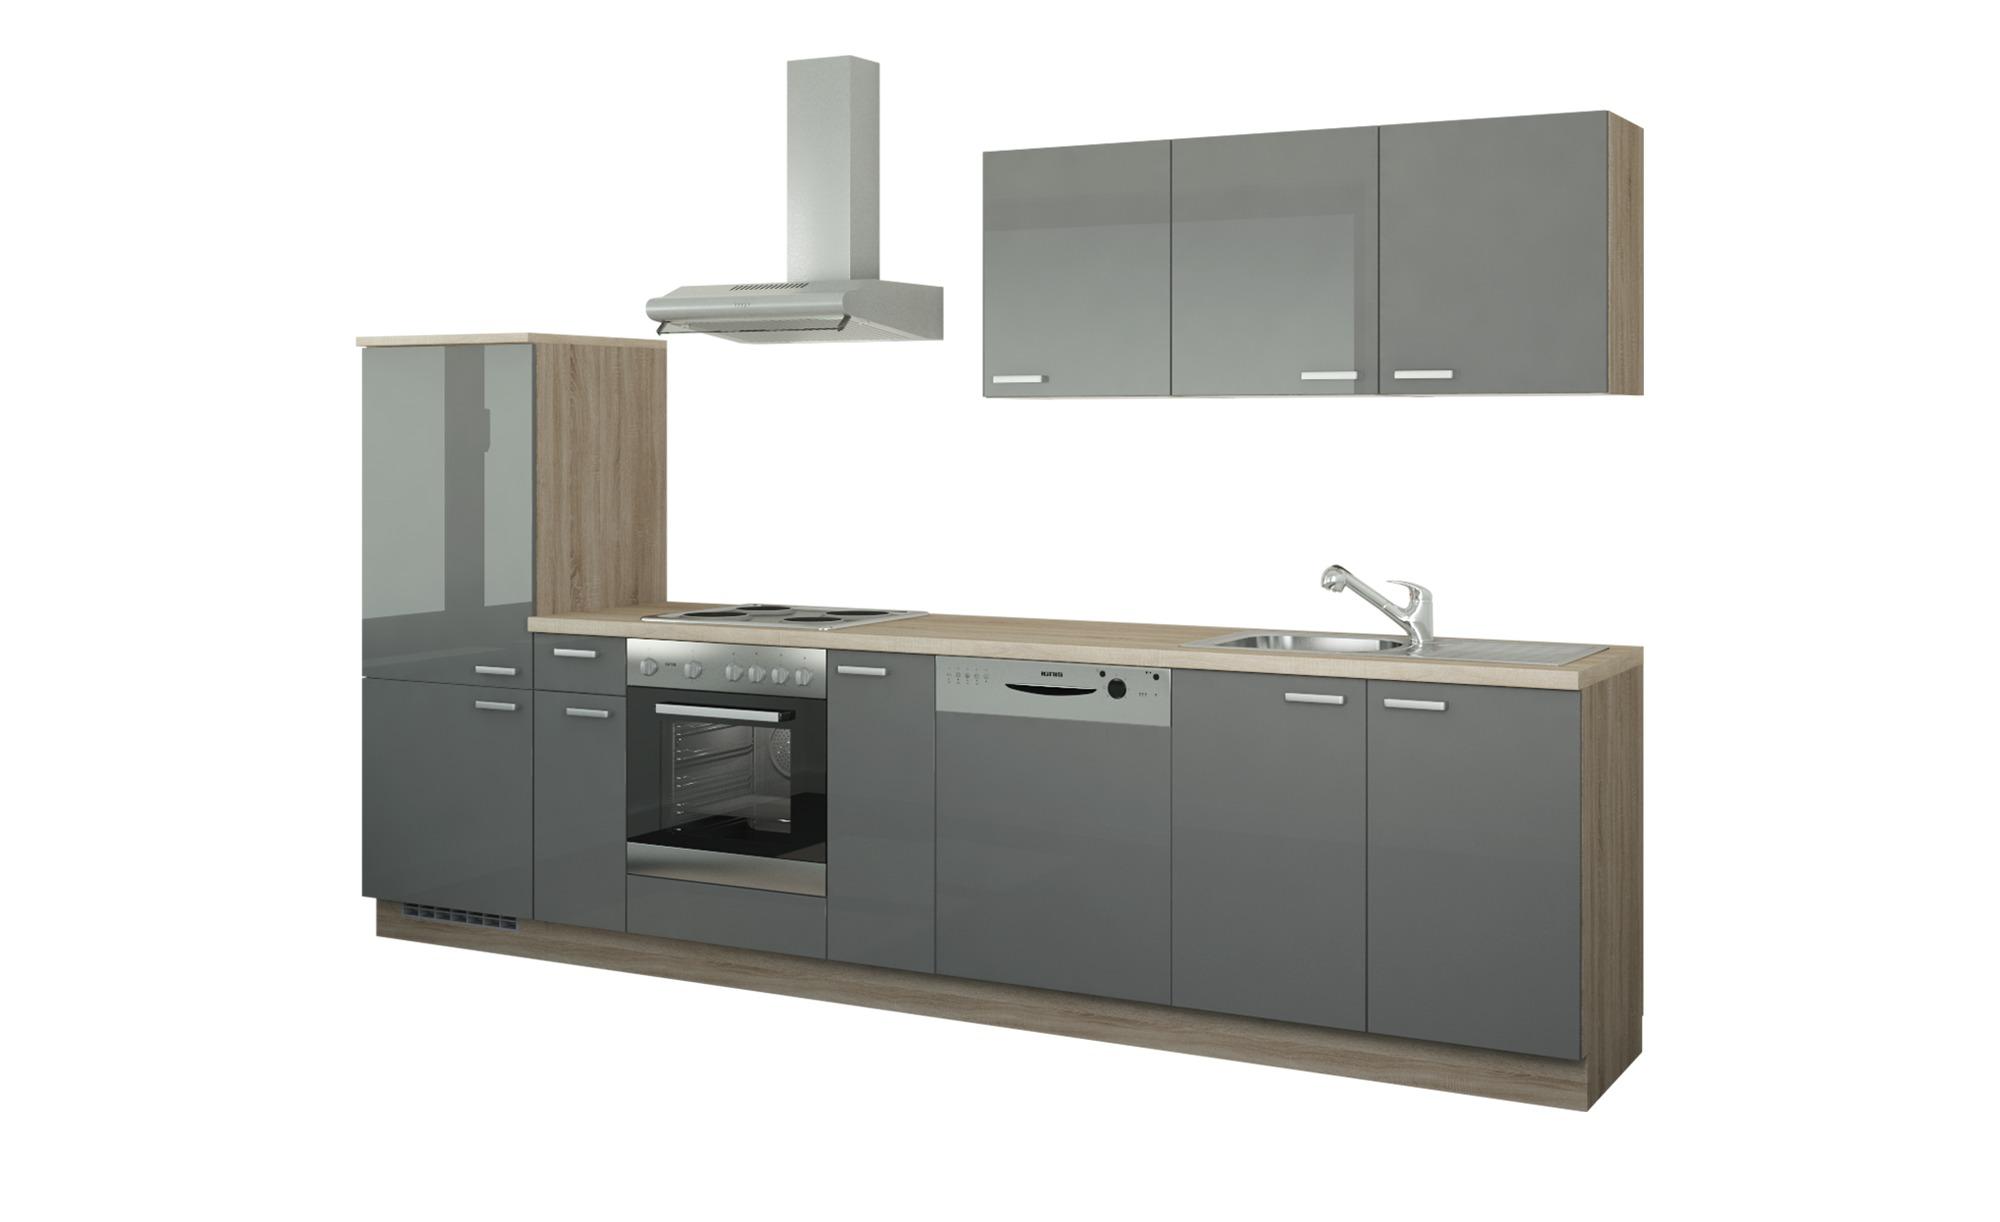 Küchenzeile mit Elektrogeräten  Coburg ¦ Maße (cm): B: 330 Küchen > Küchenblöcke - Höffner | Küche und Esszimmer > Küchen | Holzwerkstoff | Möbel Höffner DE